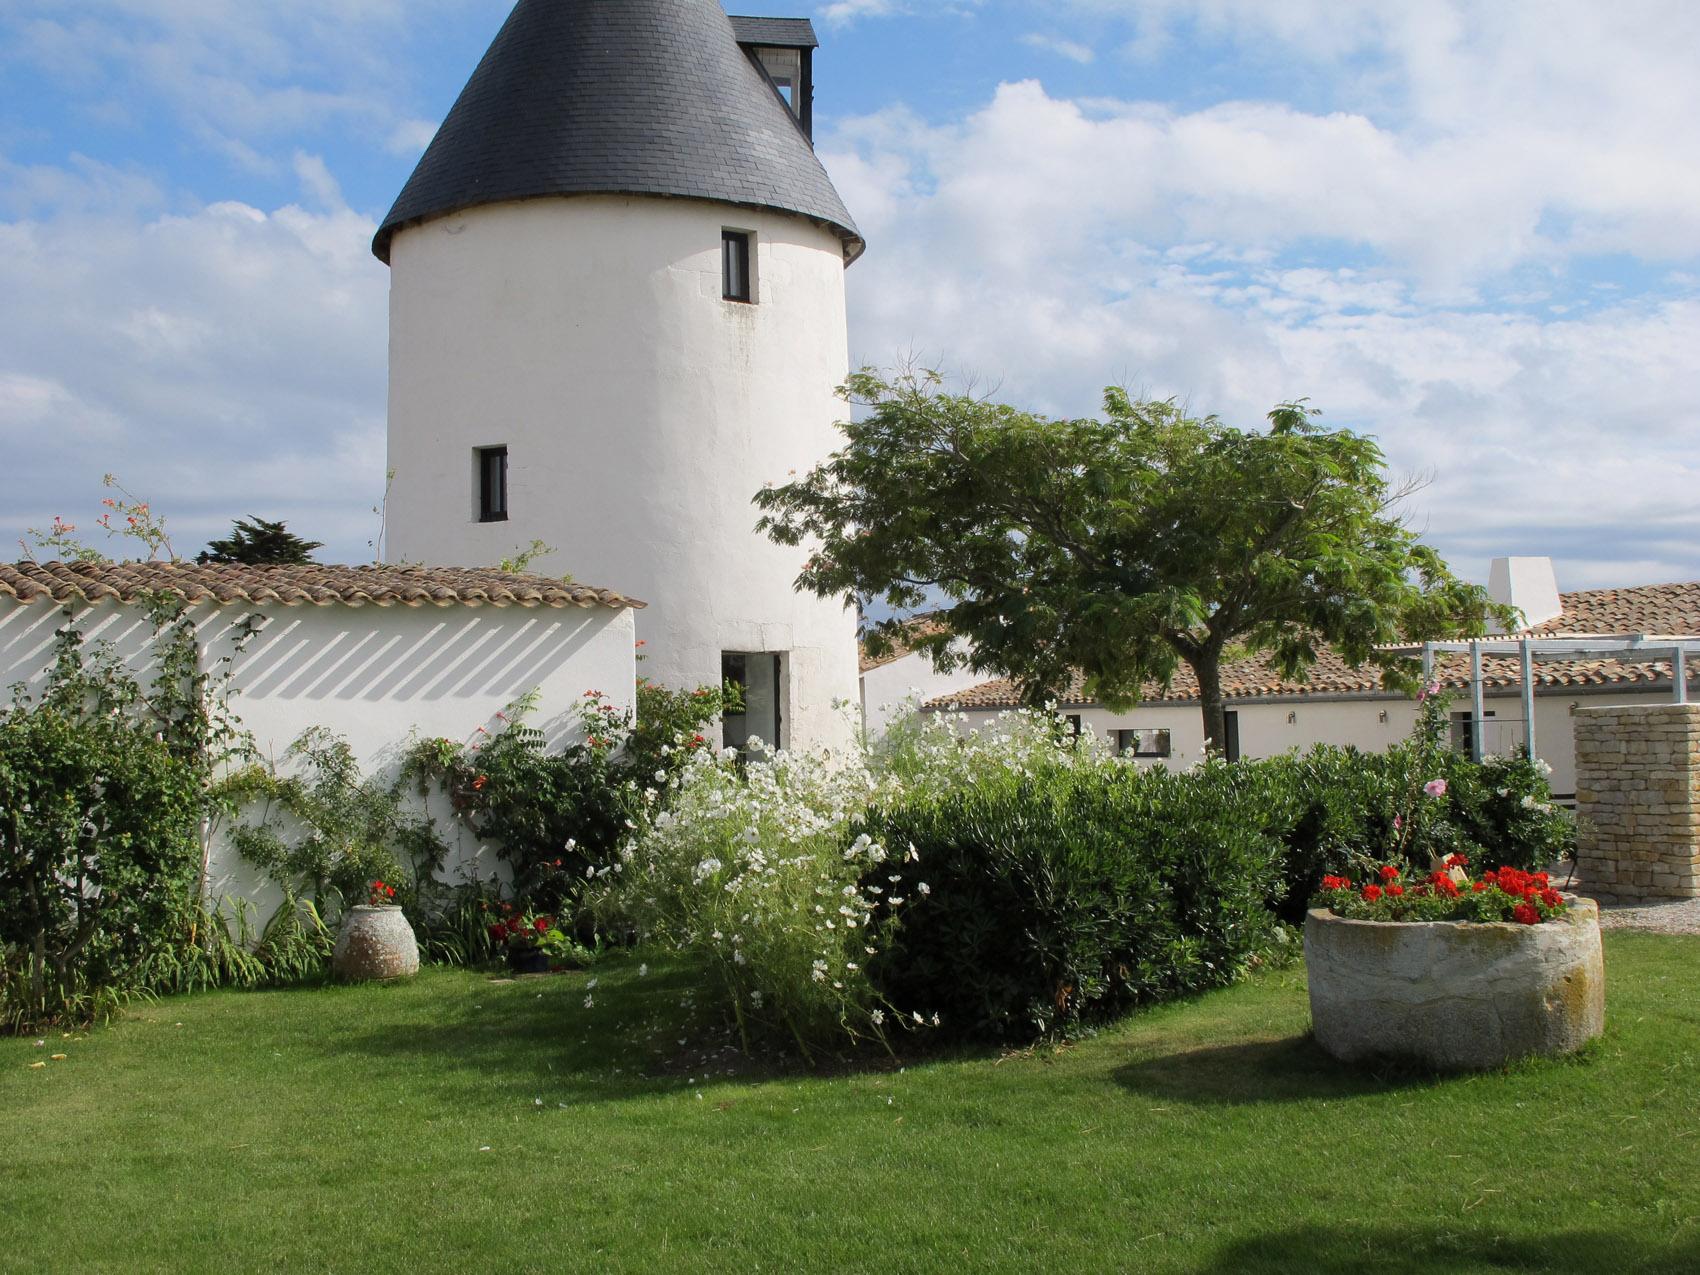 Location moulin de caract re h tel de charme le s n chal proche de la flotte en r - Office de tourisme ars en re ...